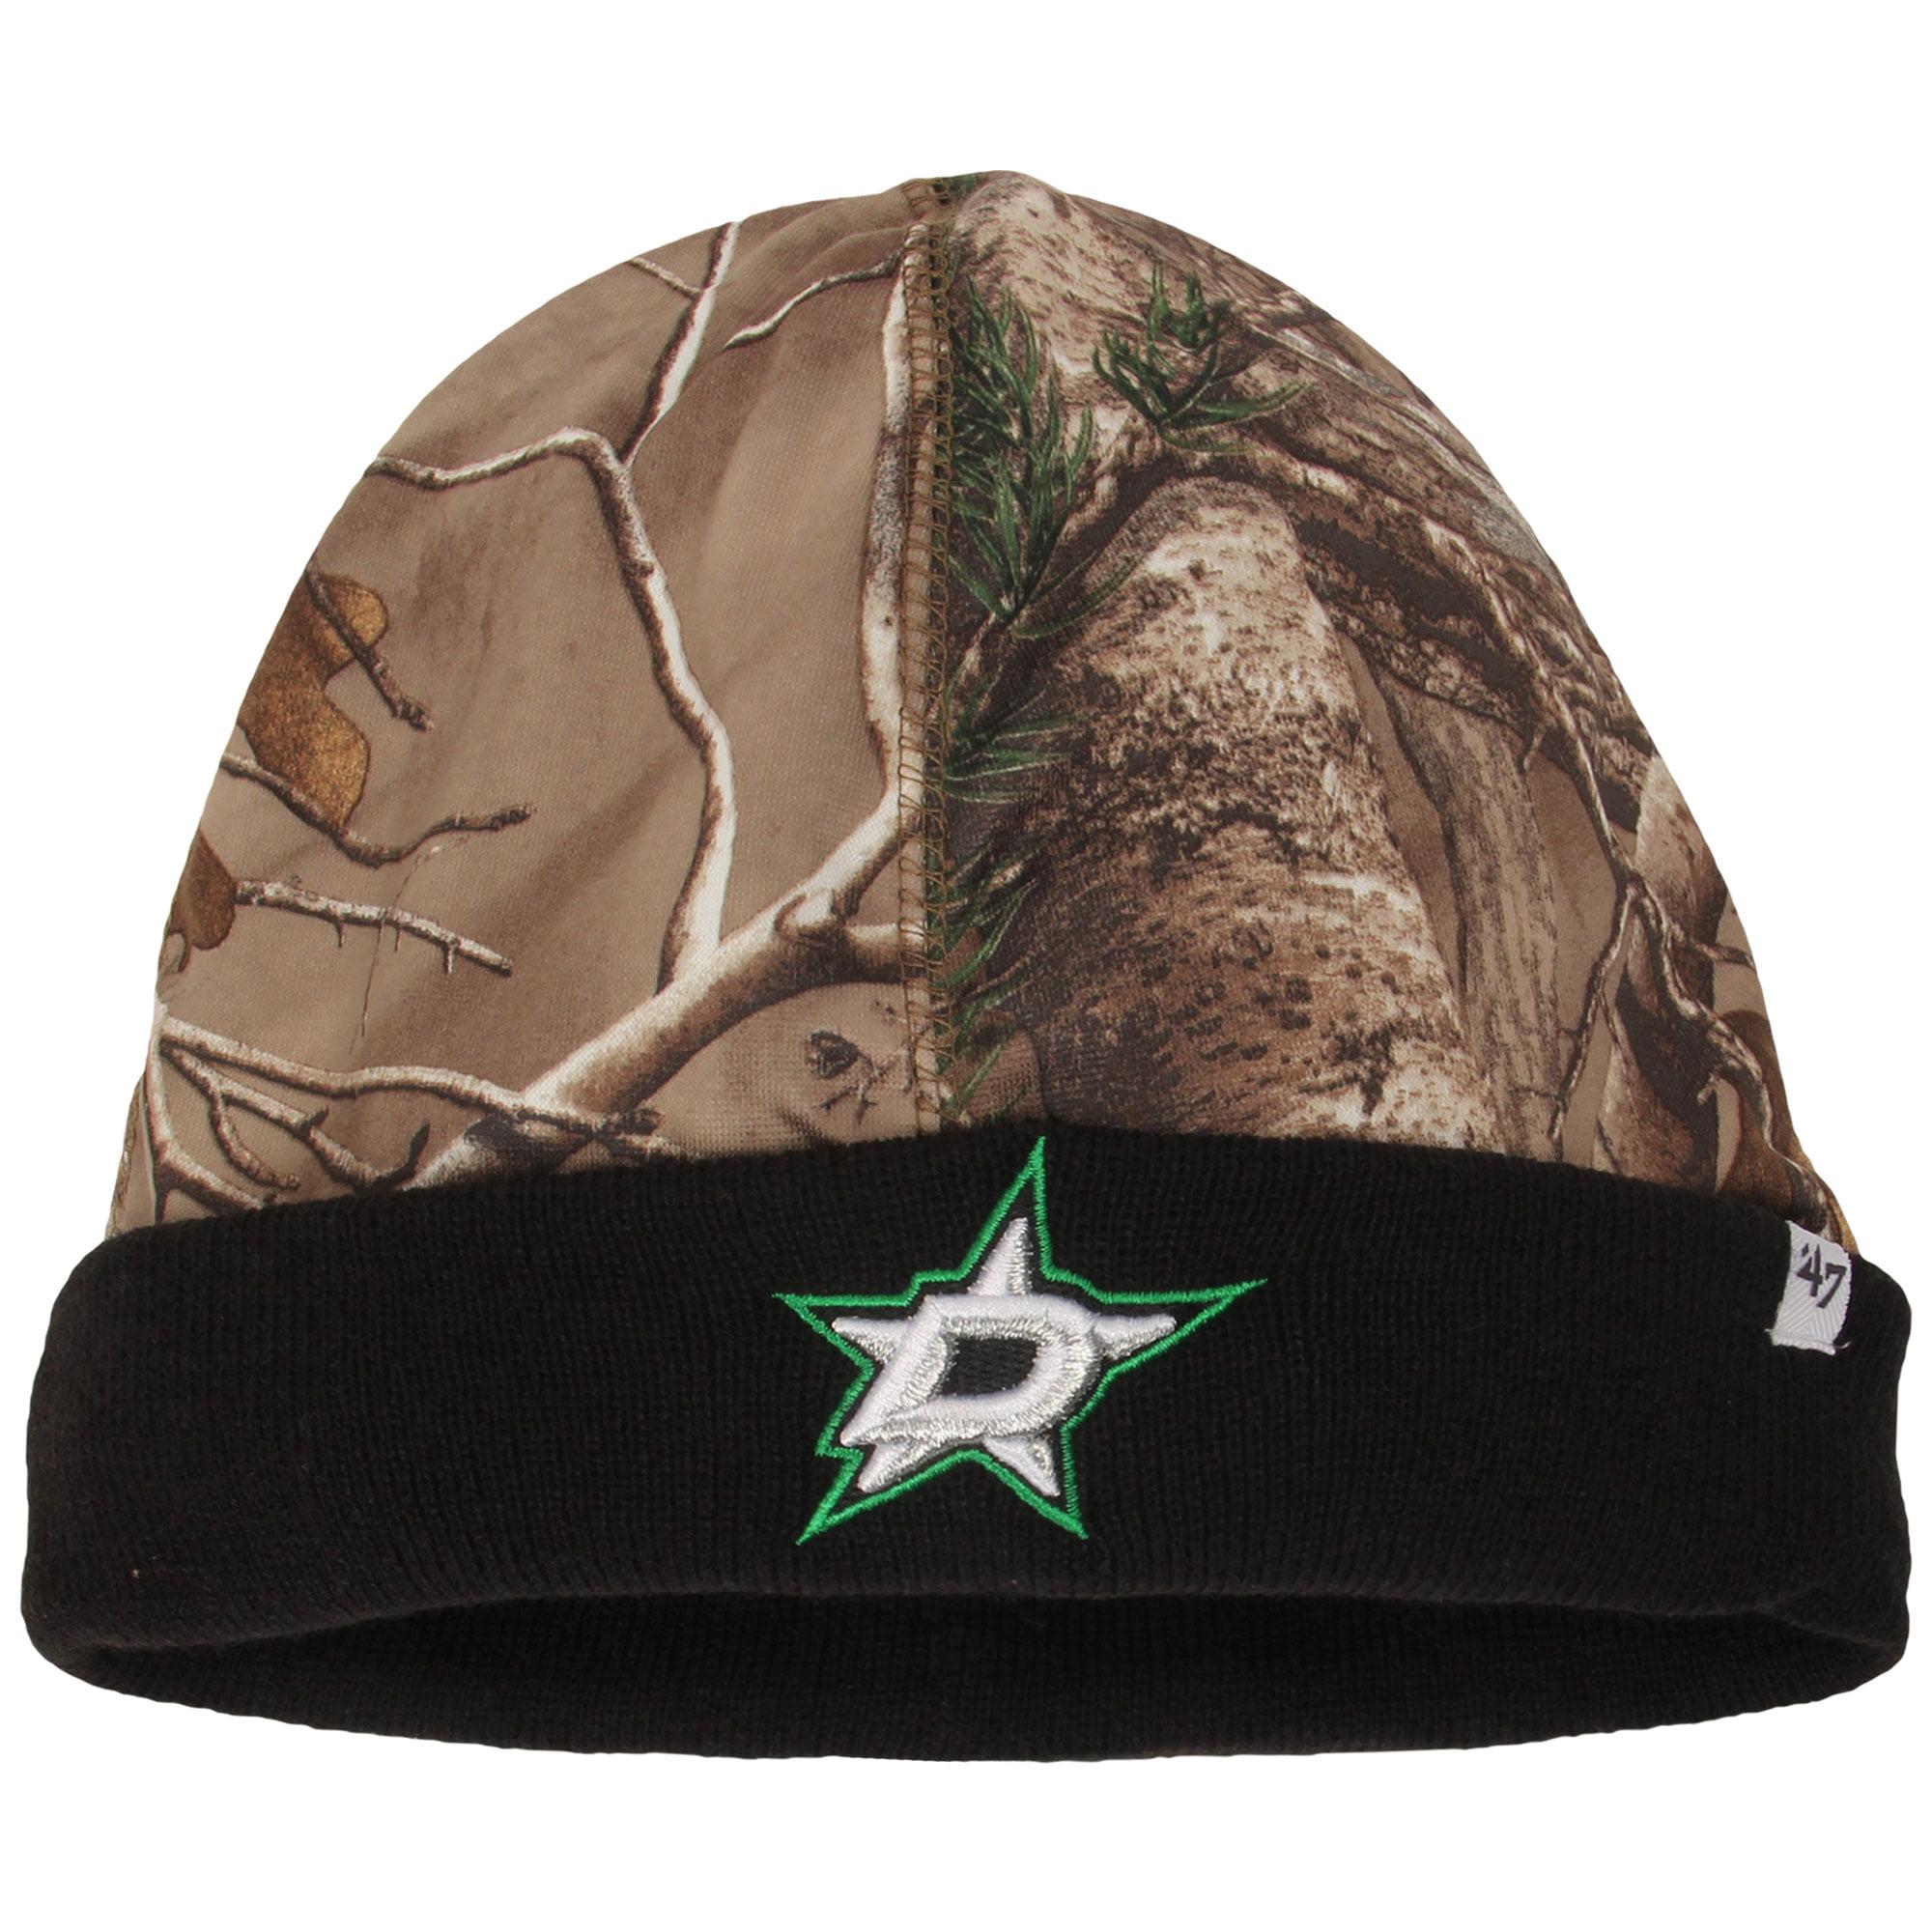 Dallas Stars '47 Real Tree Foxden Cuffed Knit Hat - Camo/Black - OSFA